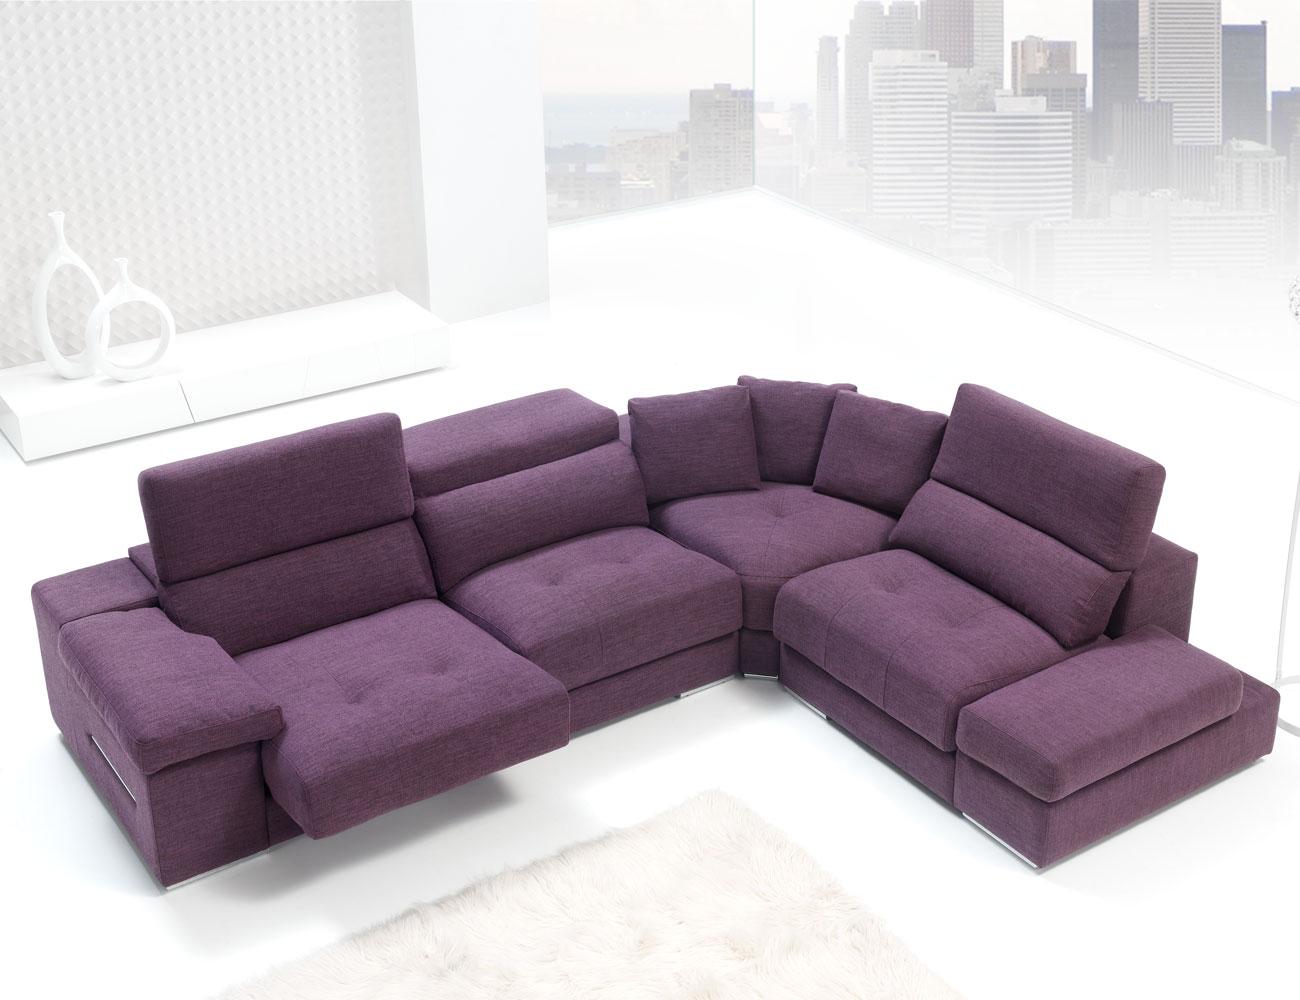 Sofa chaiselongue rincon con brazo mecanico tejido anti manchas 216